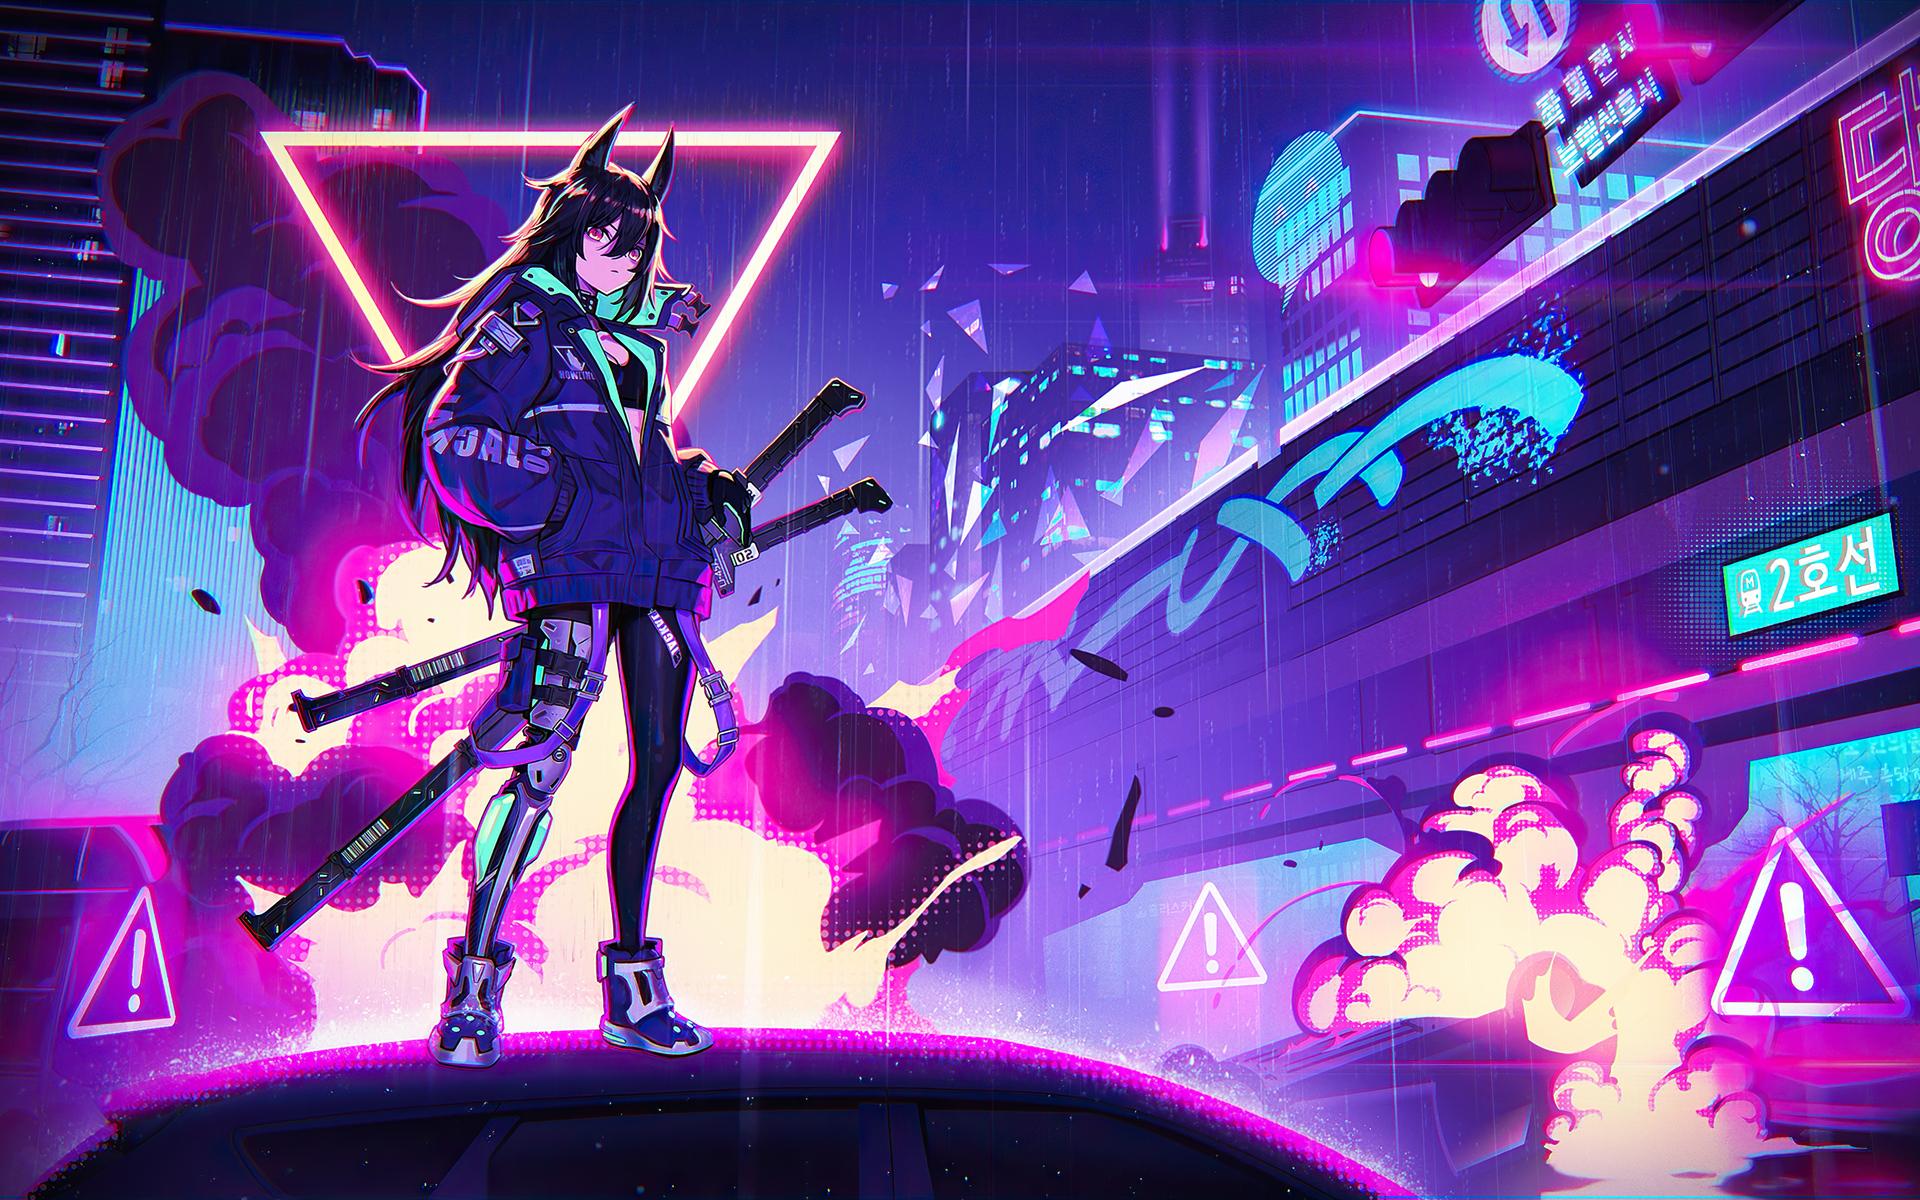 1920x1200 Katana Anime Girl Neon 4k 1080P Resolution HD 4k ...